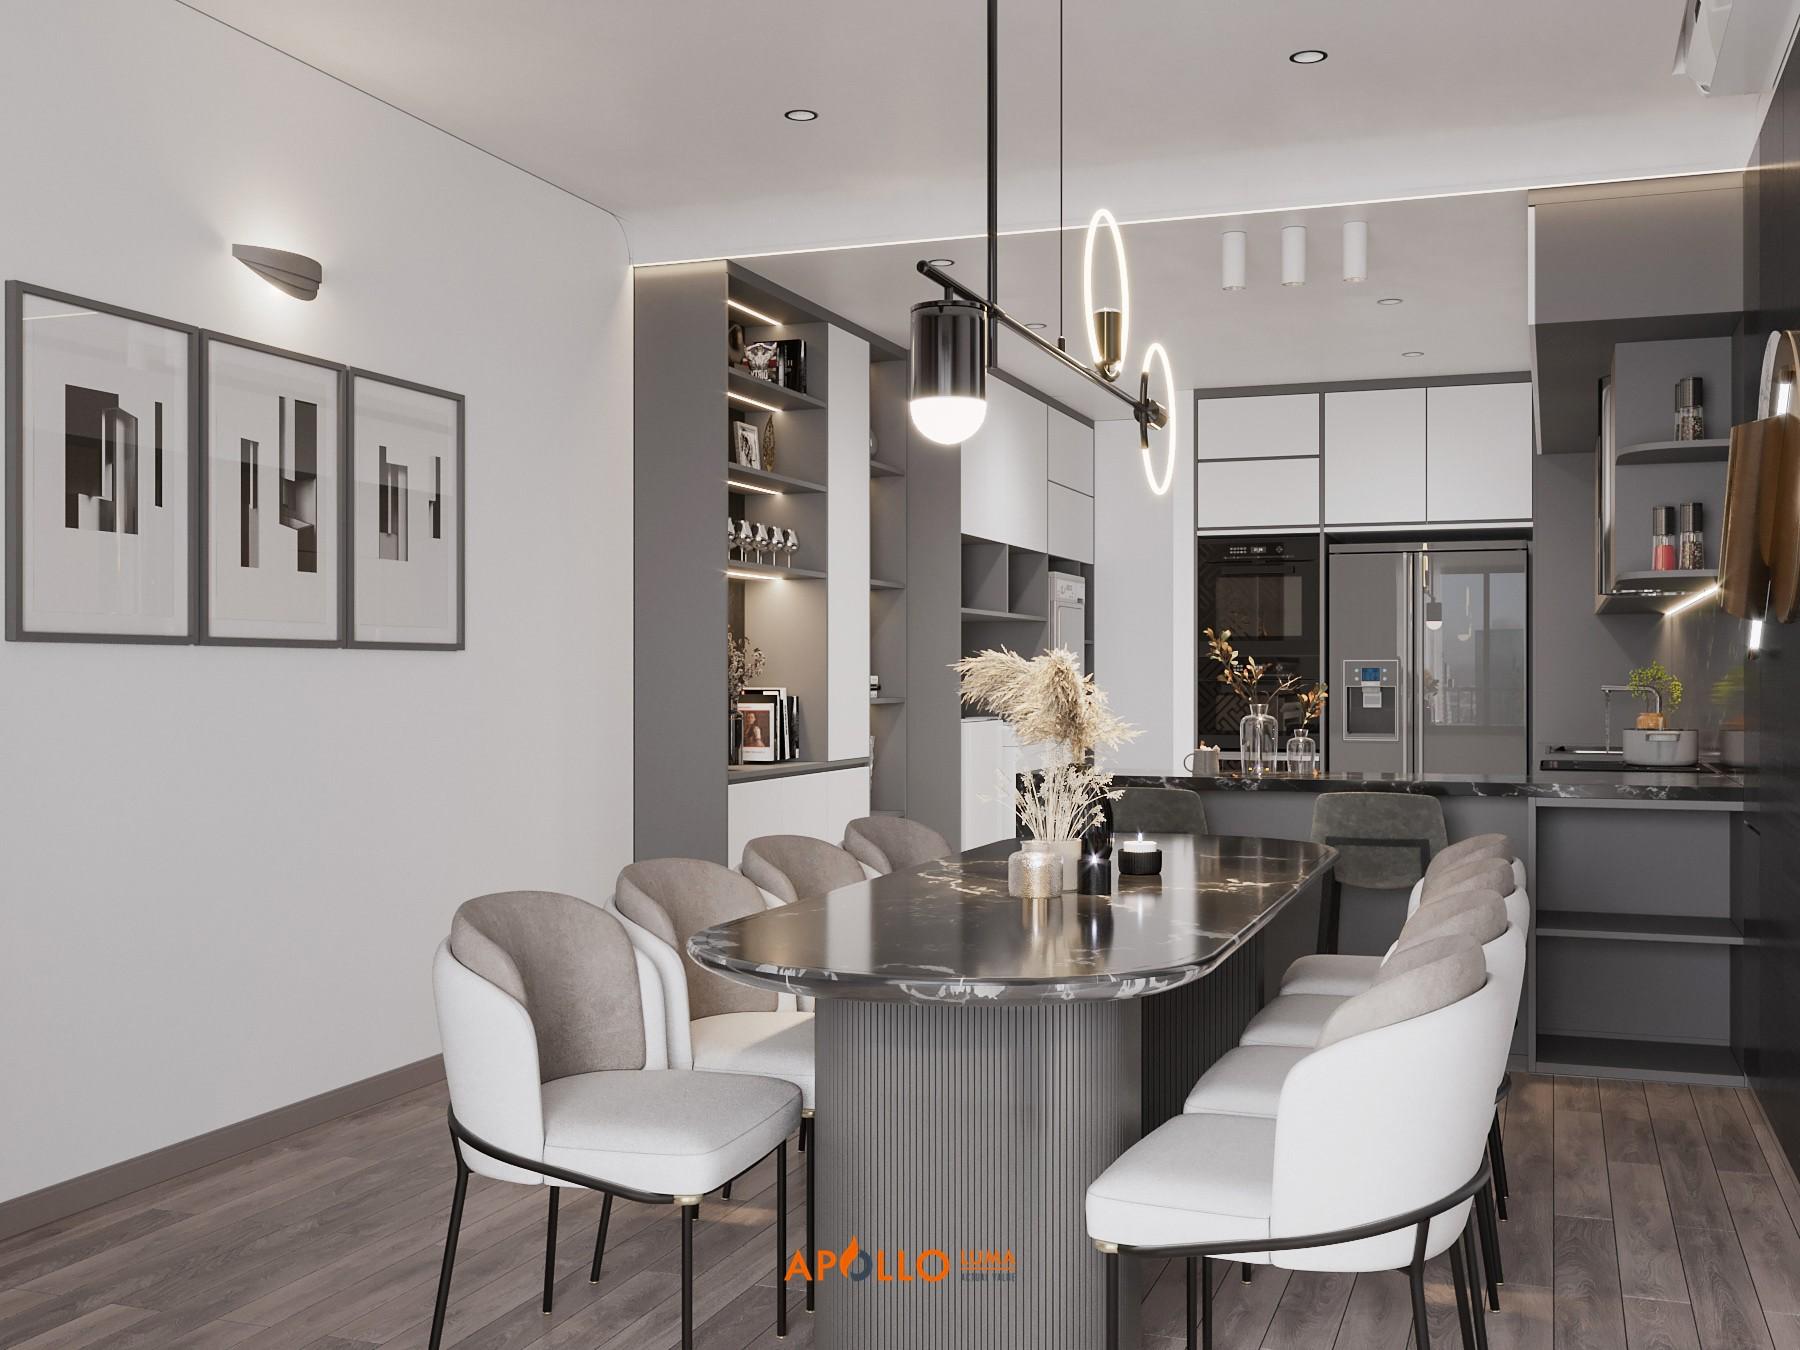 Thiết kế phòng bếp hiện đại cho căn hộ 2PN Times City